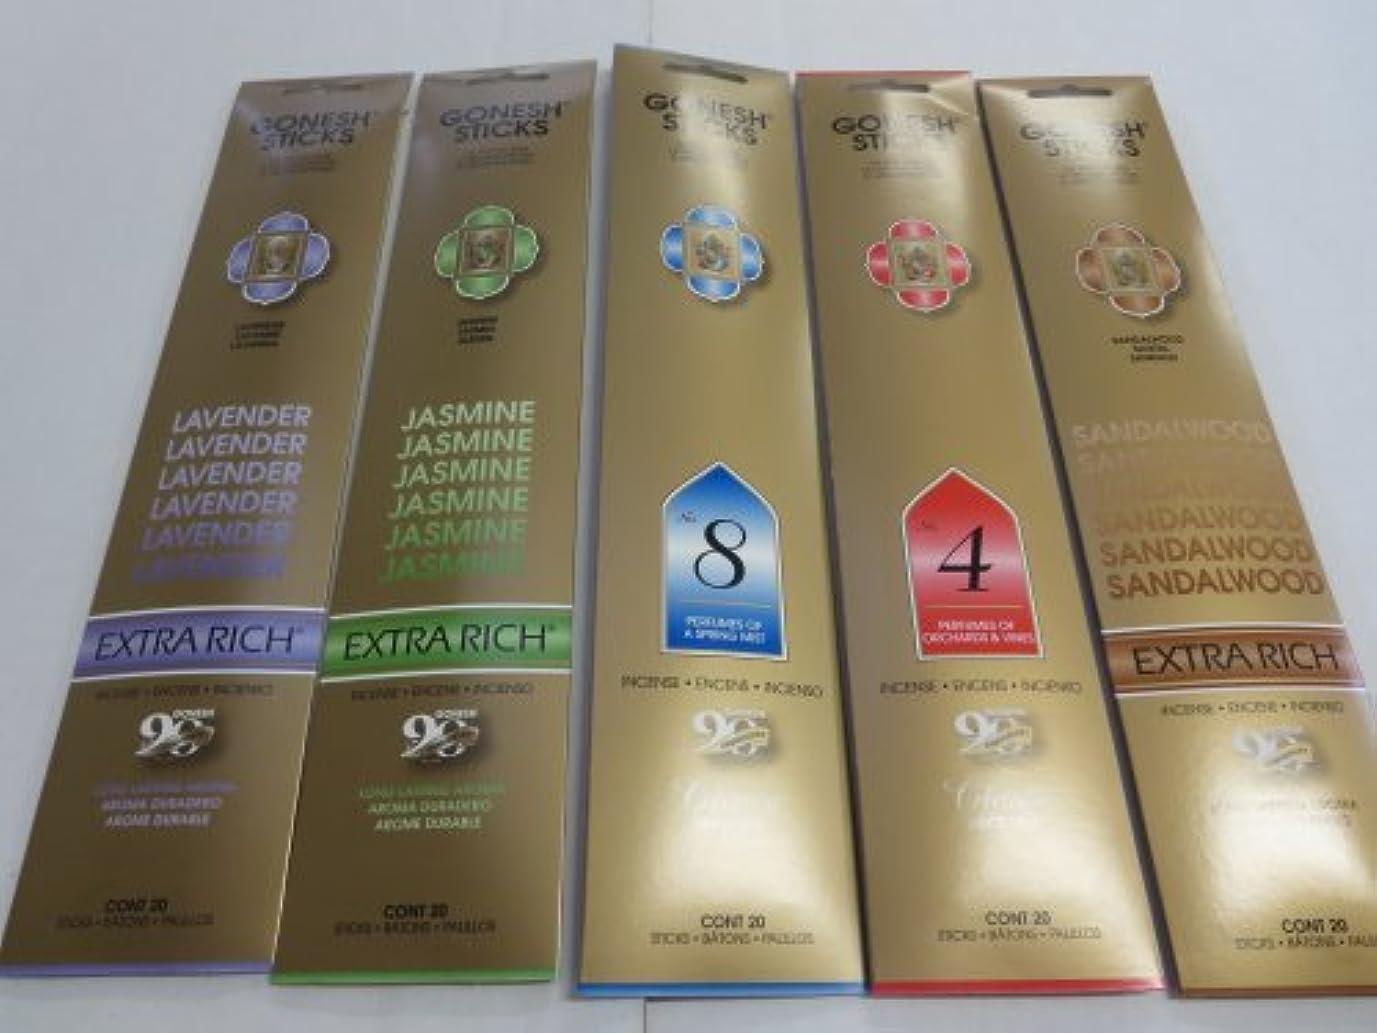 刻む代わりの死Gonesh Incense Sticks Variety Value Pack (100 Sticks) Lavender/Sandalwood/Jasmine/Spring Mist/Orchard & Vines